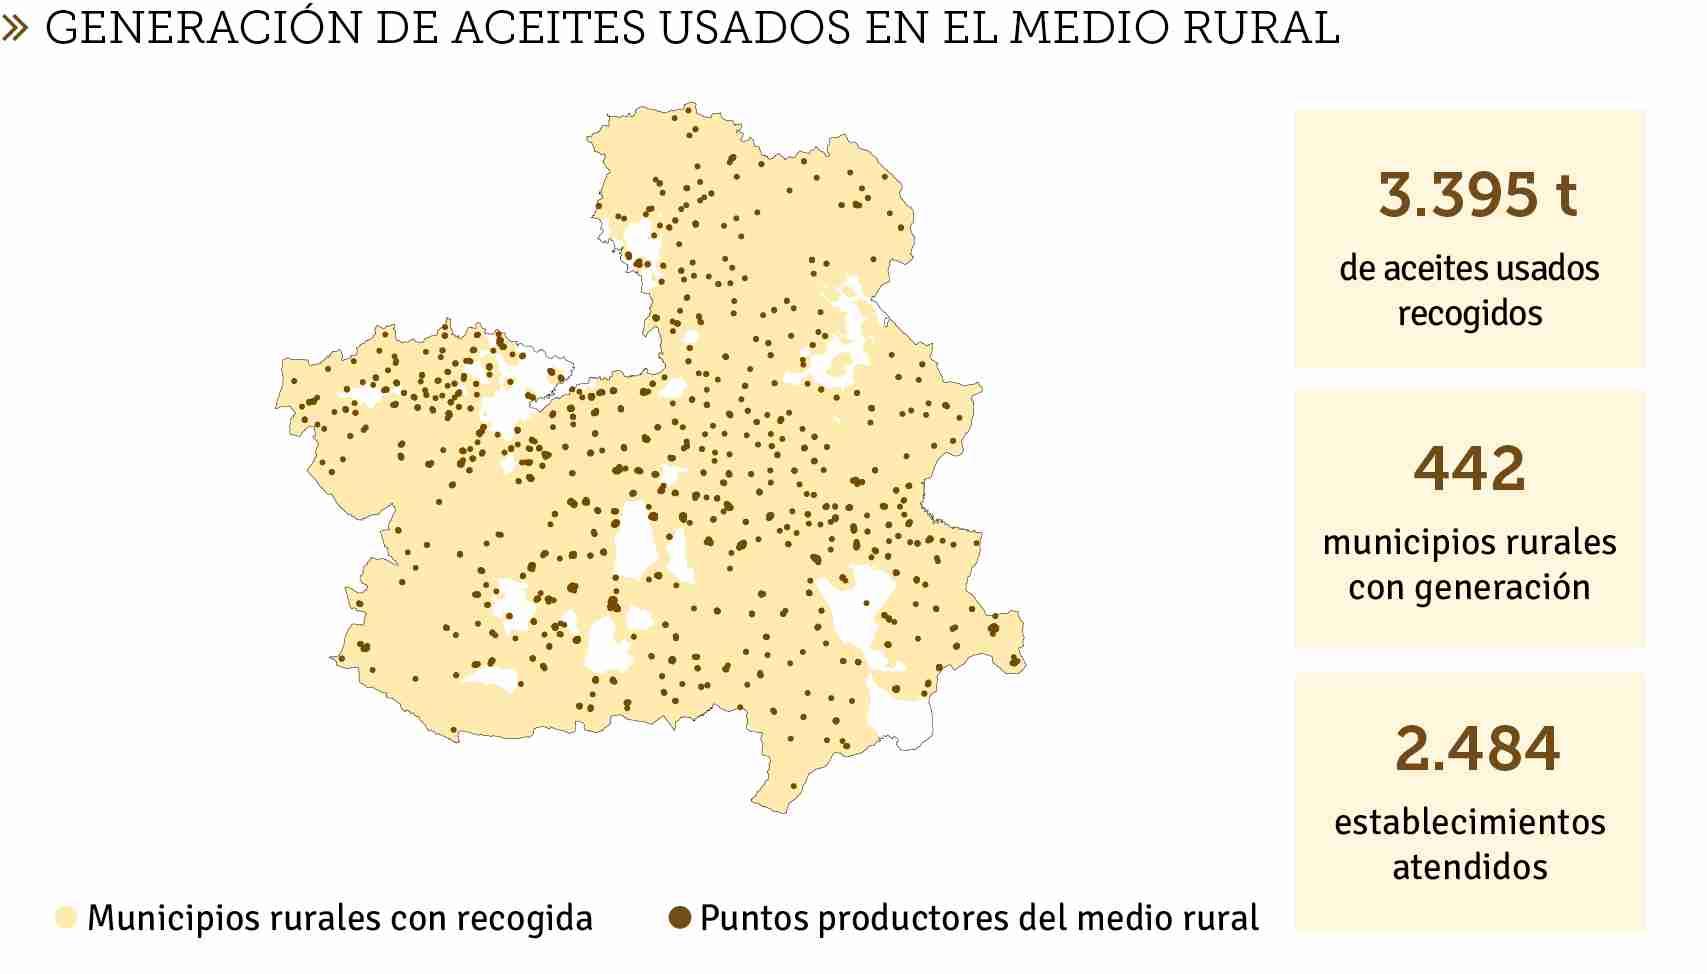 Castilla-La Mancha recicla 8 millones de litros de aceite usados 3